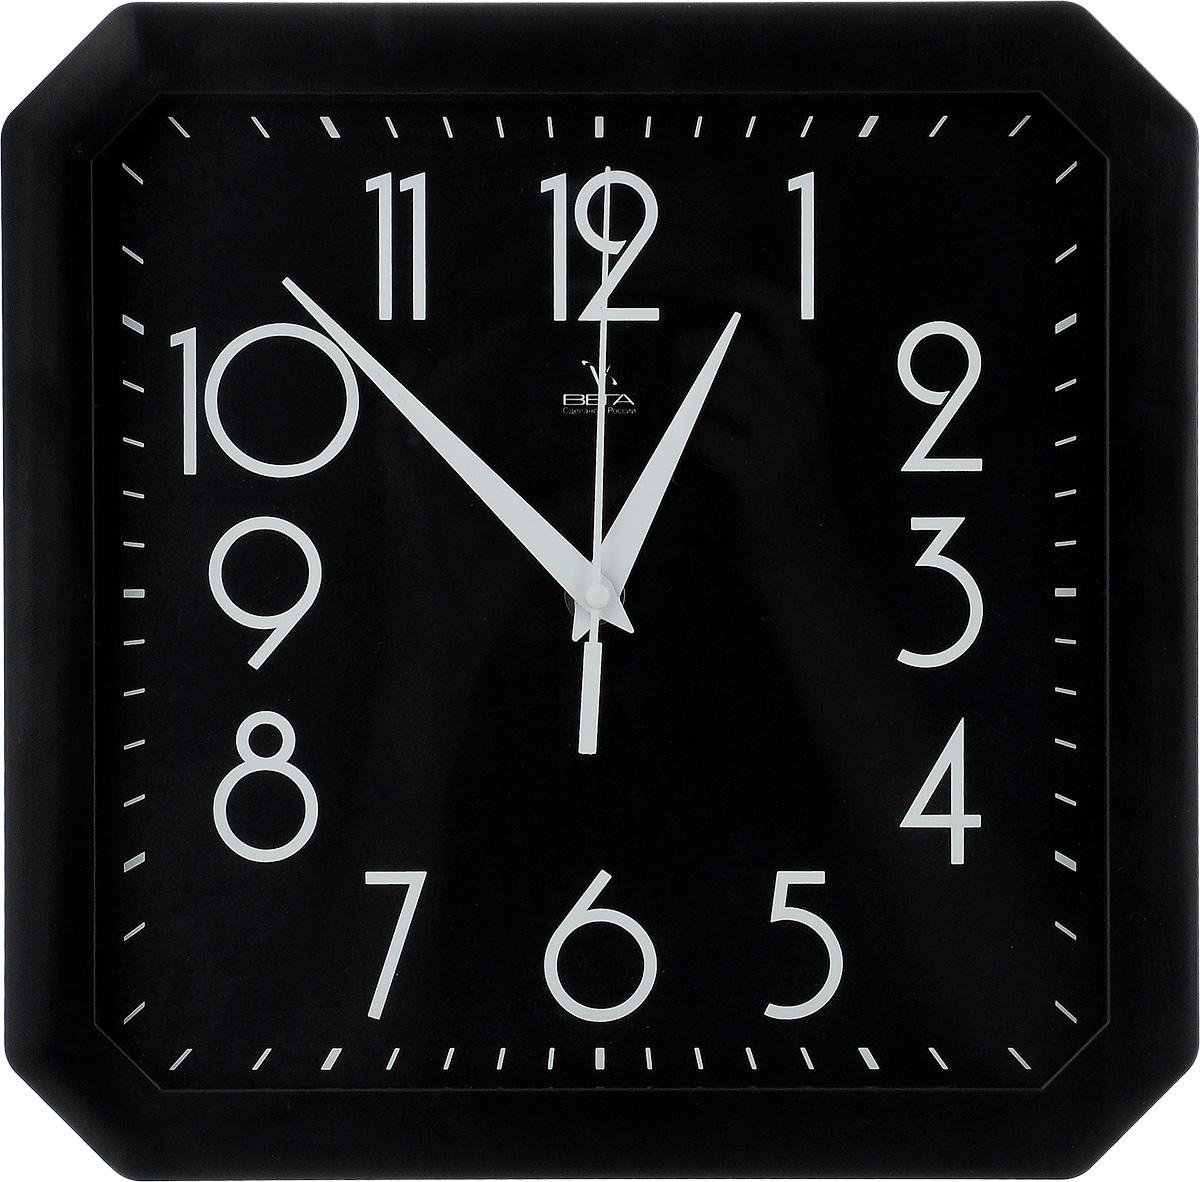 Часы настенные Вега Классика, цвет: черный, 28 х 28 см94672Настенные кварцевые часы Вега Классика, изготовленные из пластика, прекрасно впишутся в интерьер вашего дома. Часы имеют три стрелки: часовую, минутную и секундную, циферблат защищен прозрачным стеклом. Часы работают от 1 батарейки типа АА напряжением 1,5 В (не входит в комплект).